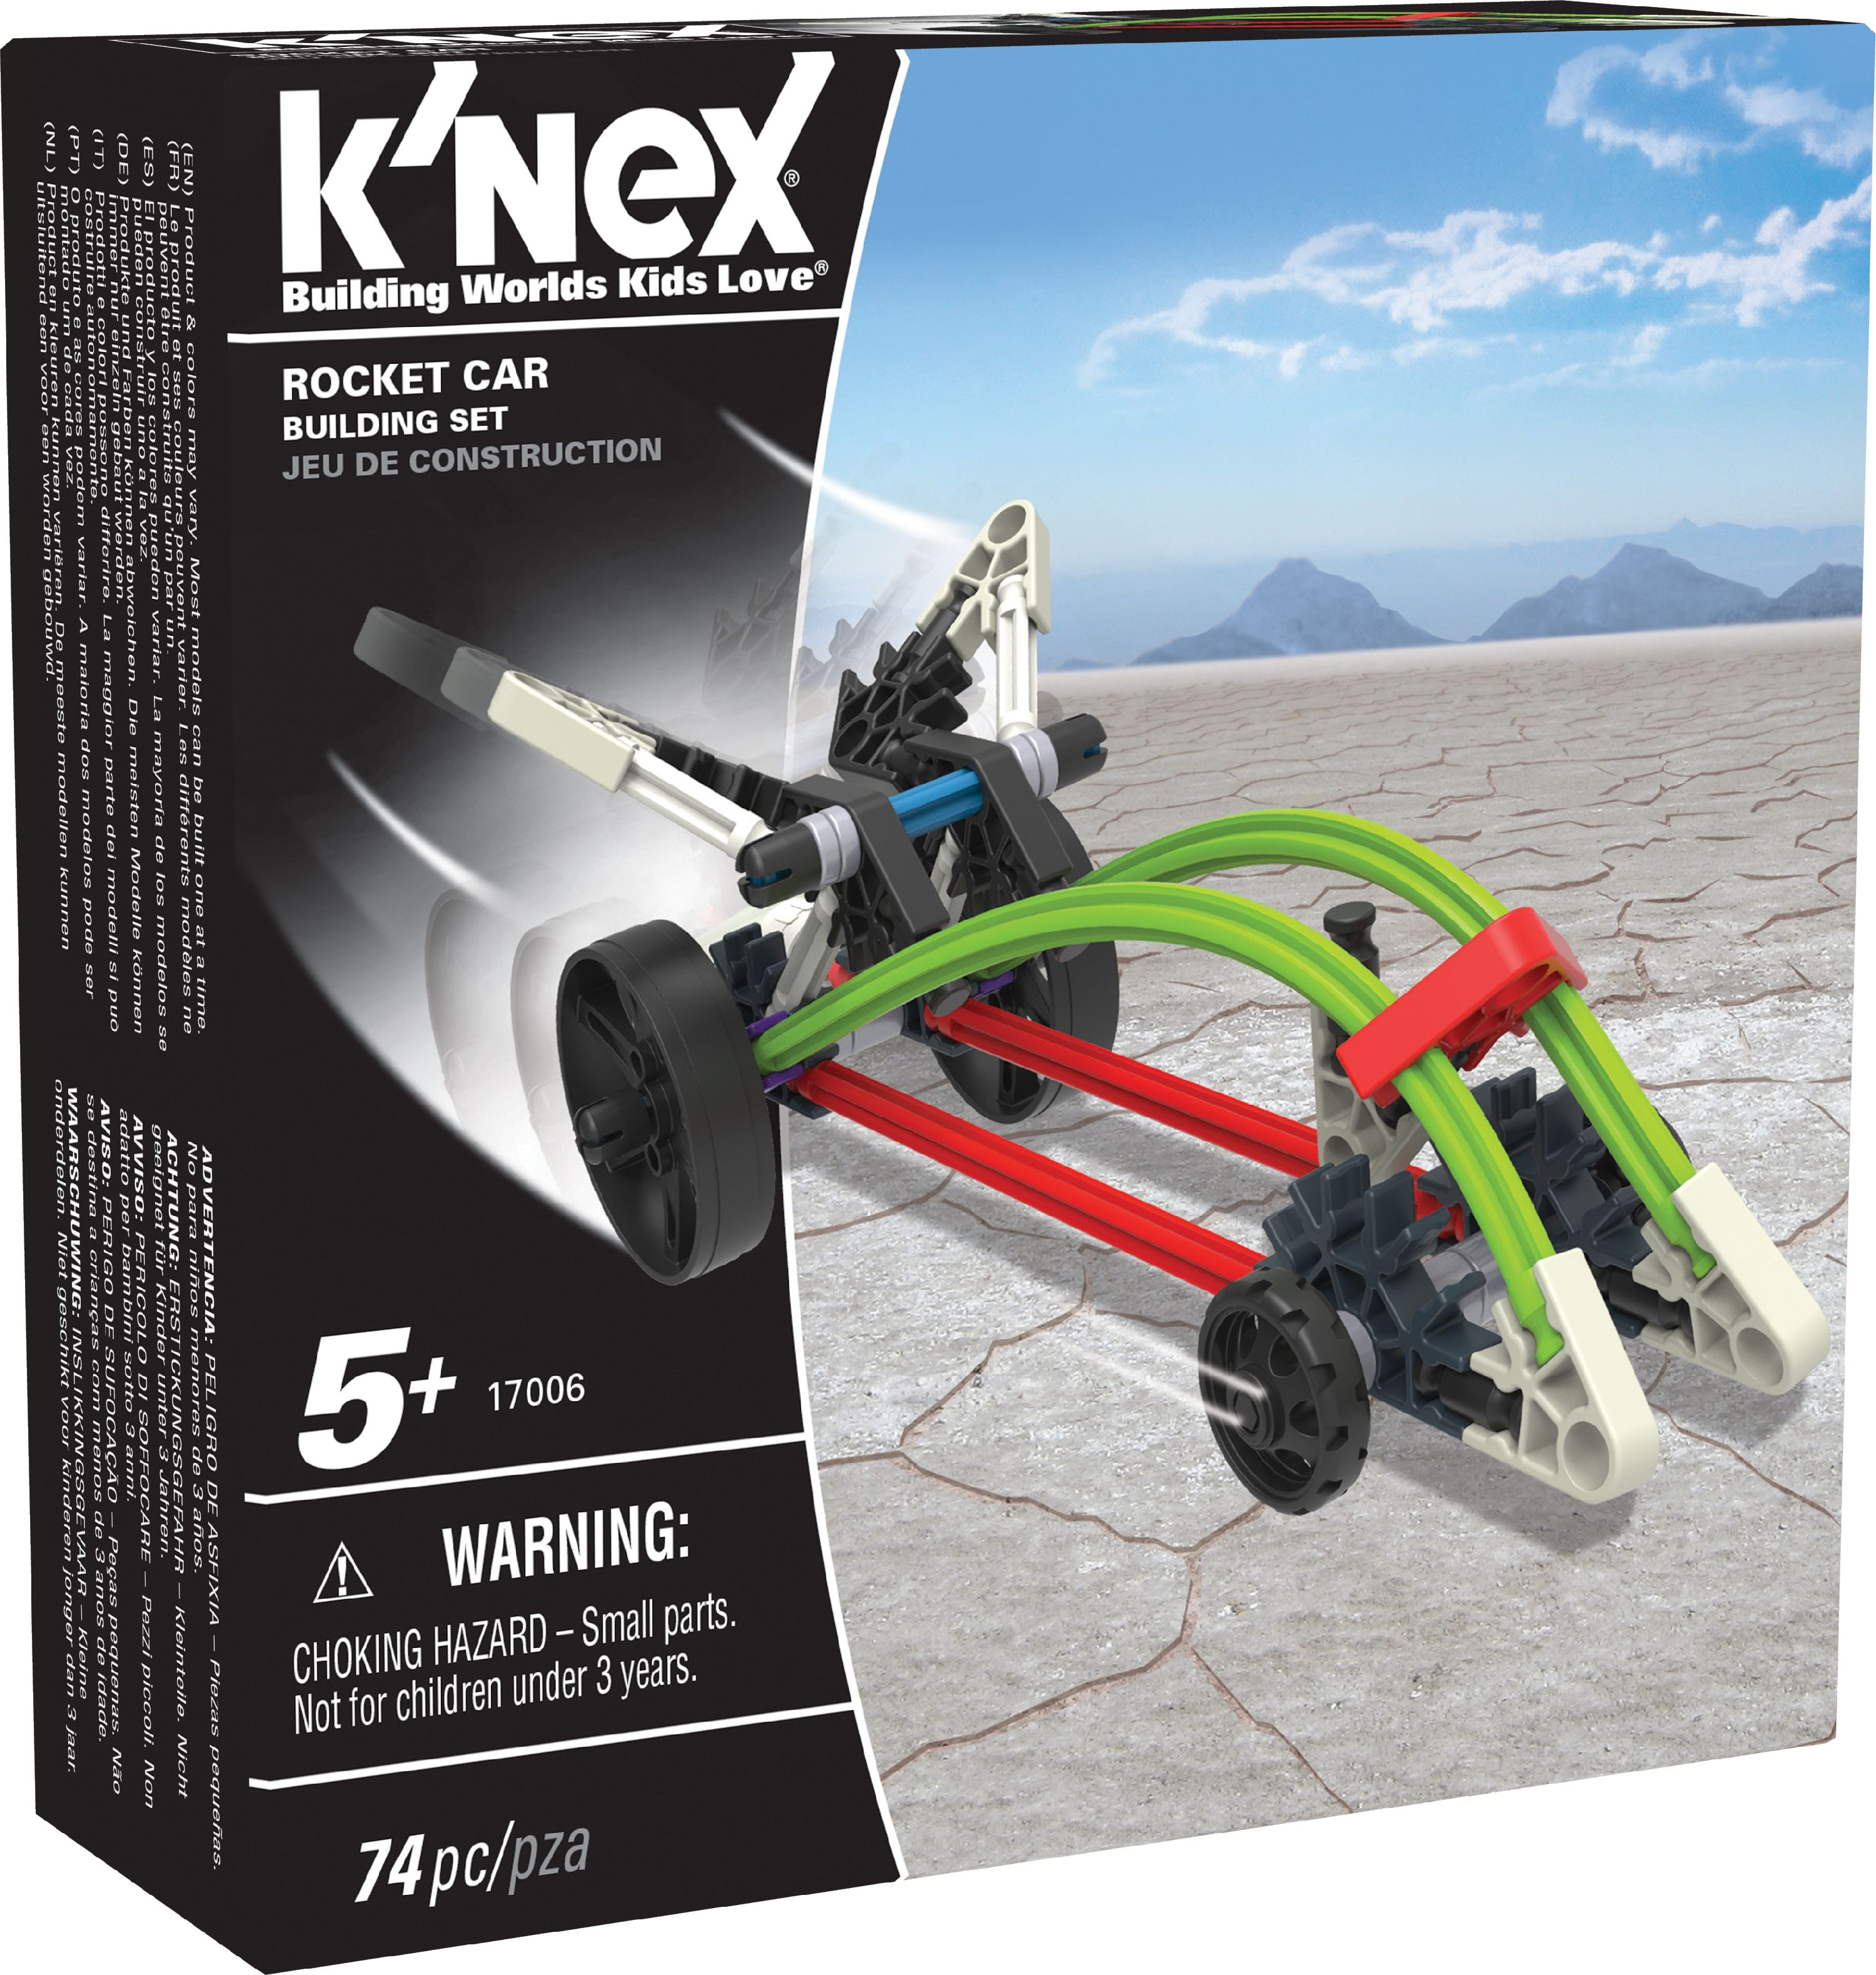 K'NEX Imagine - Rocket Car Building Set 74 Pieces For Ages 5+ Construction Education Toy